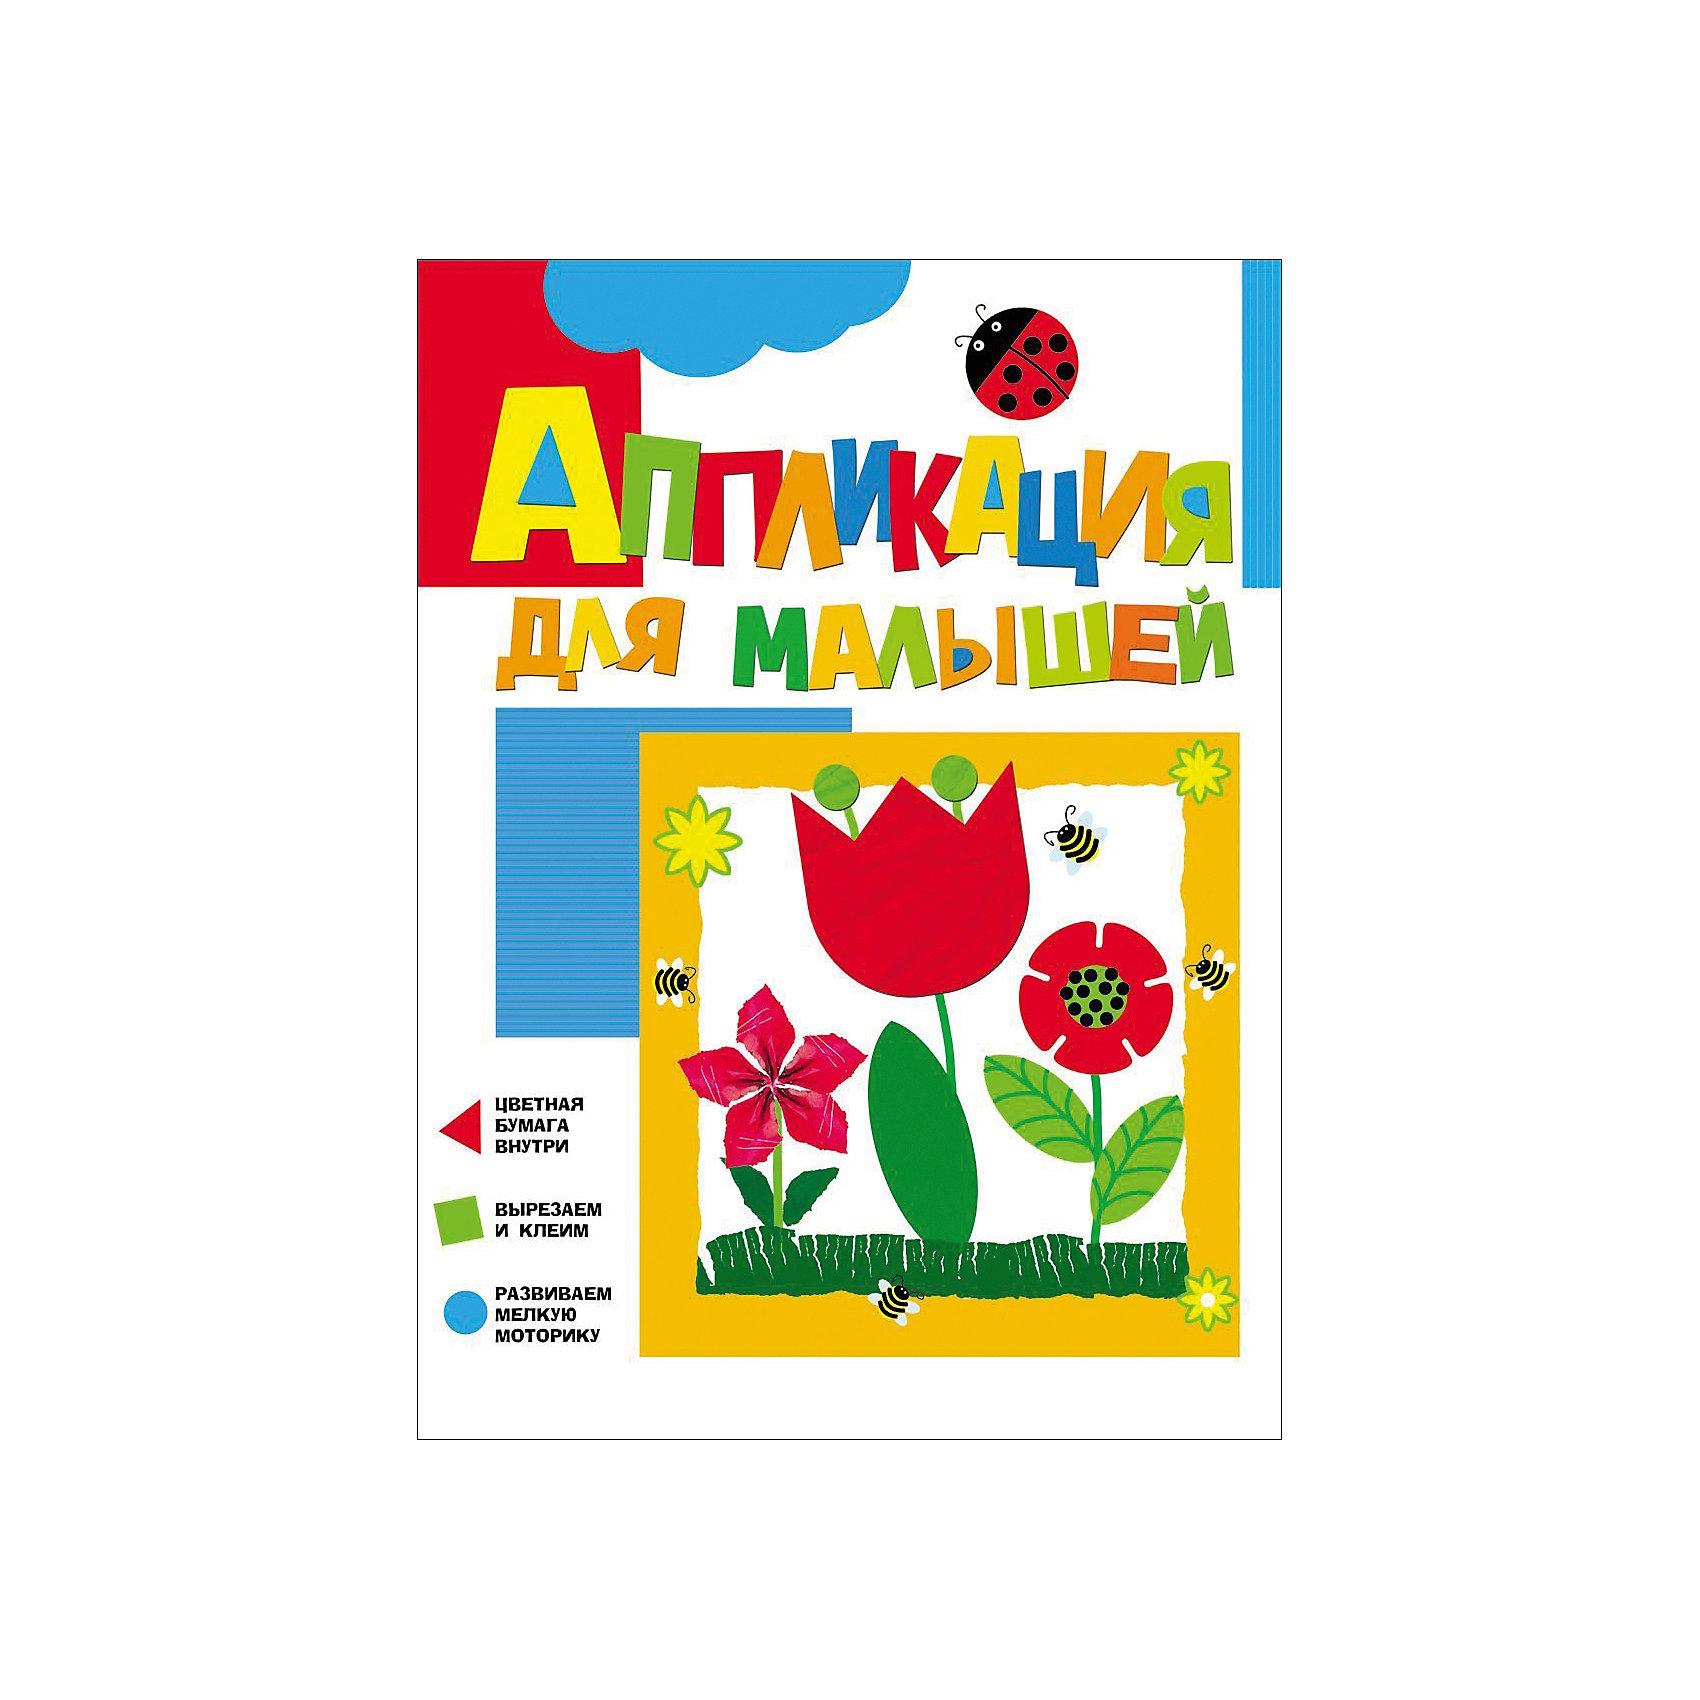 Аппликация для малышей. ЦветочкиХарактеристики товара:<br><br>- цвет: разноцветный;<br>- материал: бумага;<br>- формат: 22 х 29 см;<br>- страниц: 16;<br>- обложка: мягкая.<br><br>Это издание станет отличным подарком для ребенка. Оно поможет малышу развить творческие навыки и весело провести время! Из цветной бумаги разных цветов ребенок может сложить рисунок. Сделать это несложно - есть проиллюстрированная инструкция! Цветная бумага прилагается.<br>Такое занятие помогает ребенку развивать зрительную память, концентрацию внимания и воображение. Издание произведено из качественных материалов, которые безопасны даже для самых маленьких.<br><br>Издание Аппликация для малышей. Цветочки от компании Росмэн можно купить в нашем интернет-магазине.<br><br>Ширина мм: 275<br>Глубина мм: 210<br>Высота мм: 2<br>Вес г: 75<br>Возраст от месяцев: 36<br>Возраст до месяцев: 72<br>Пол: Унисекс<br>Возраст: Детский<br>SKU: 5110136